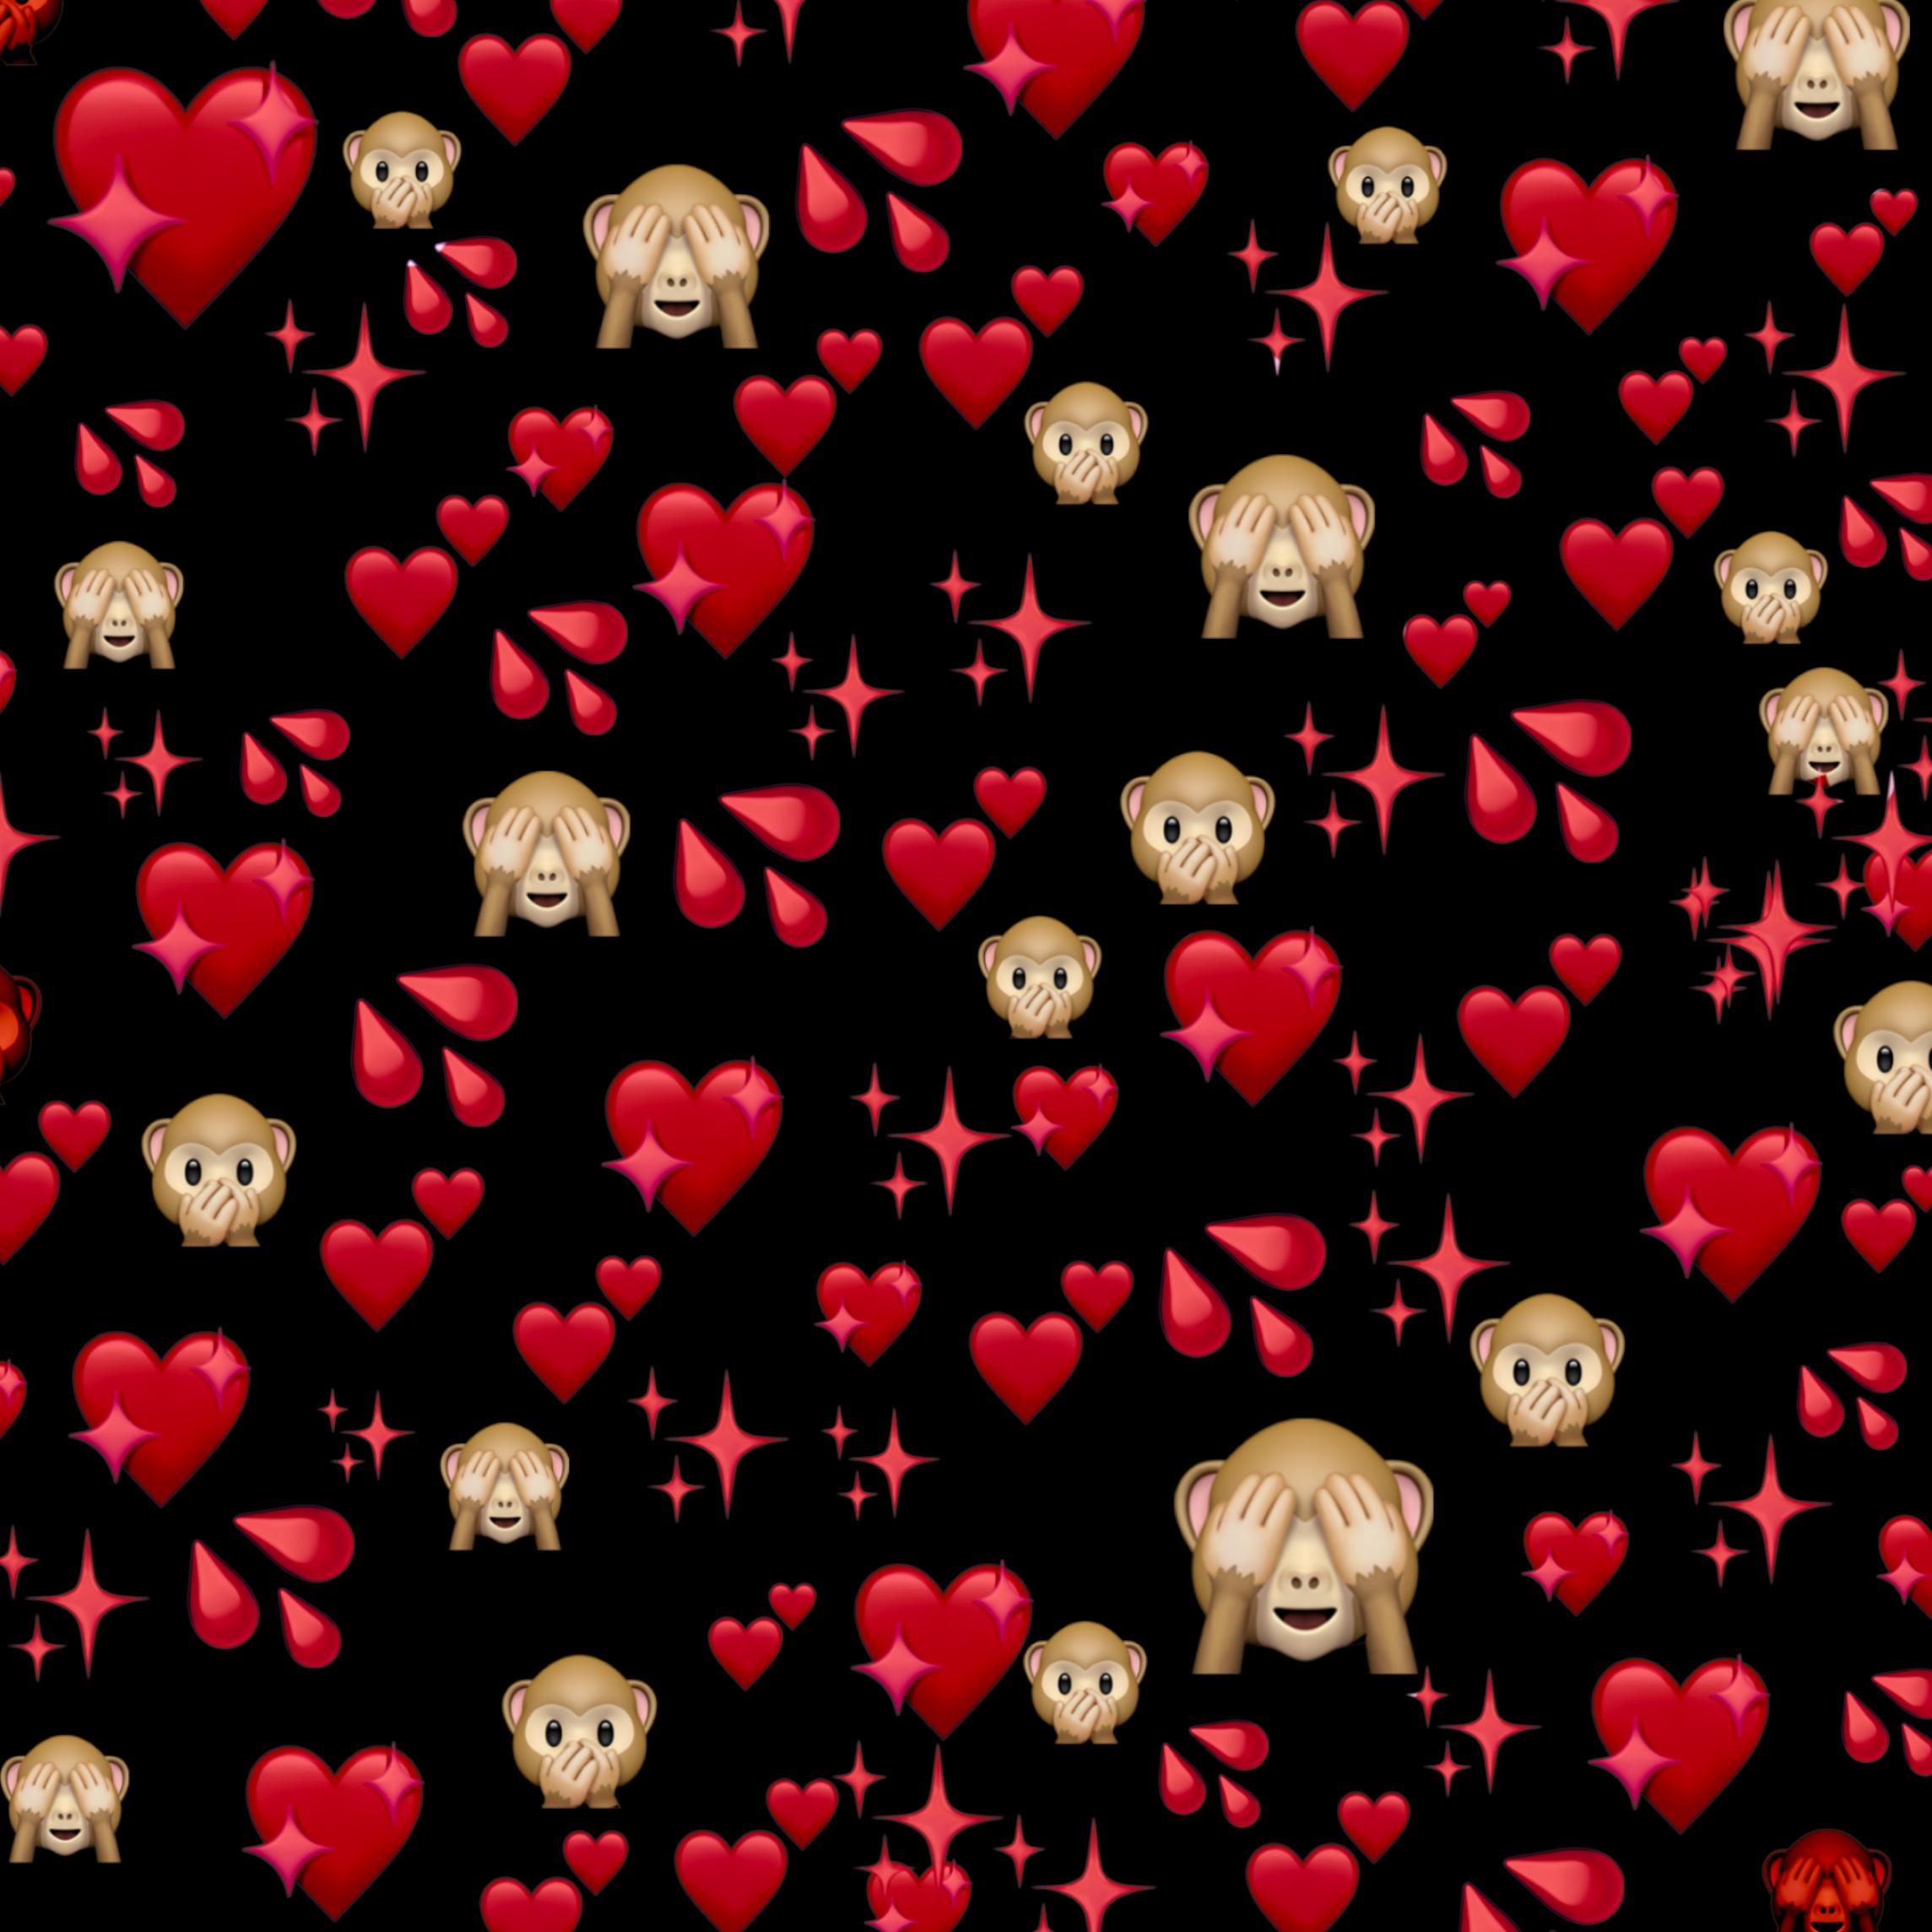 фотки со смайлами сердечками коробке